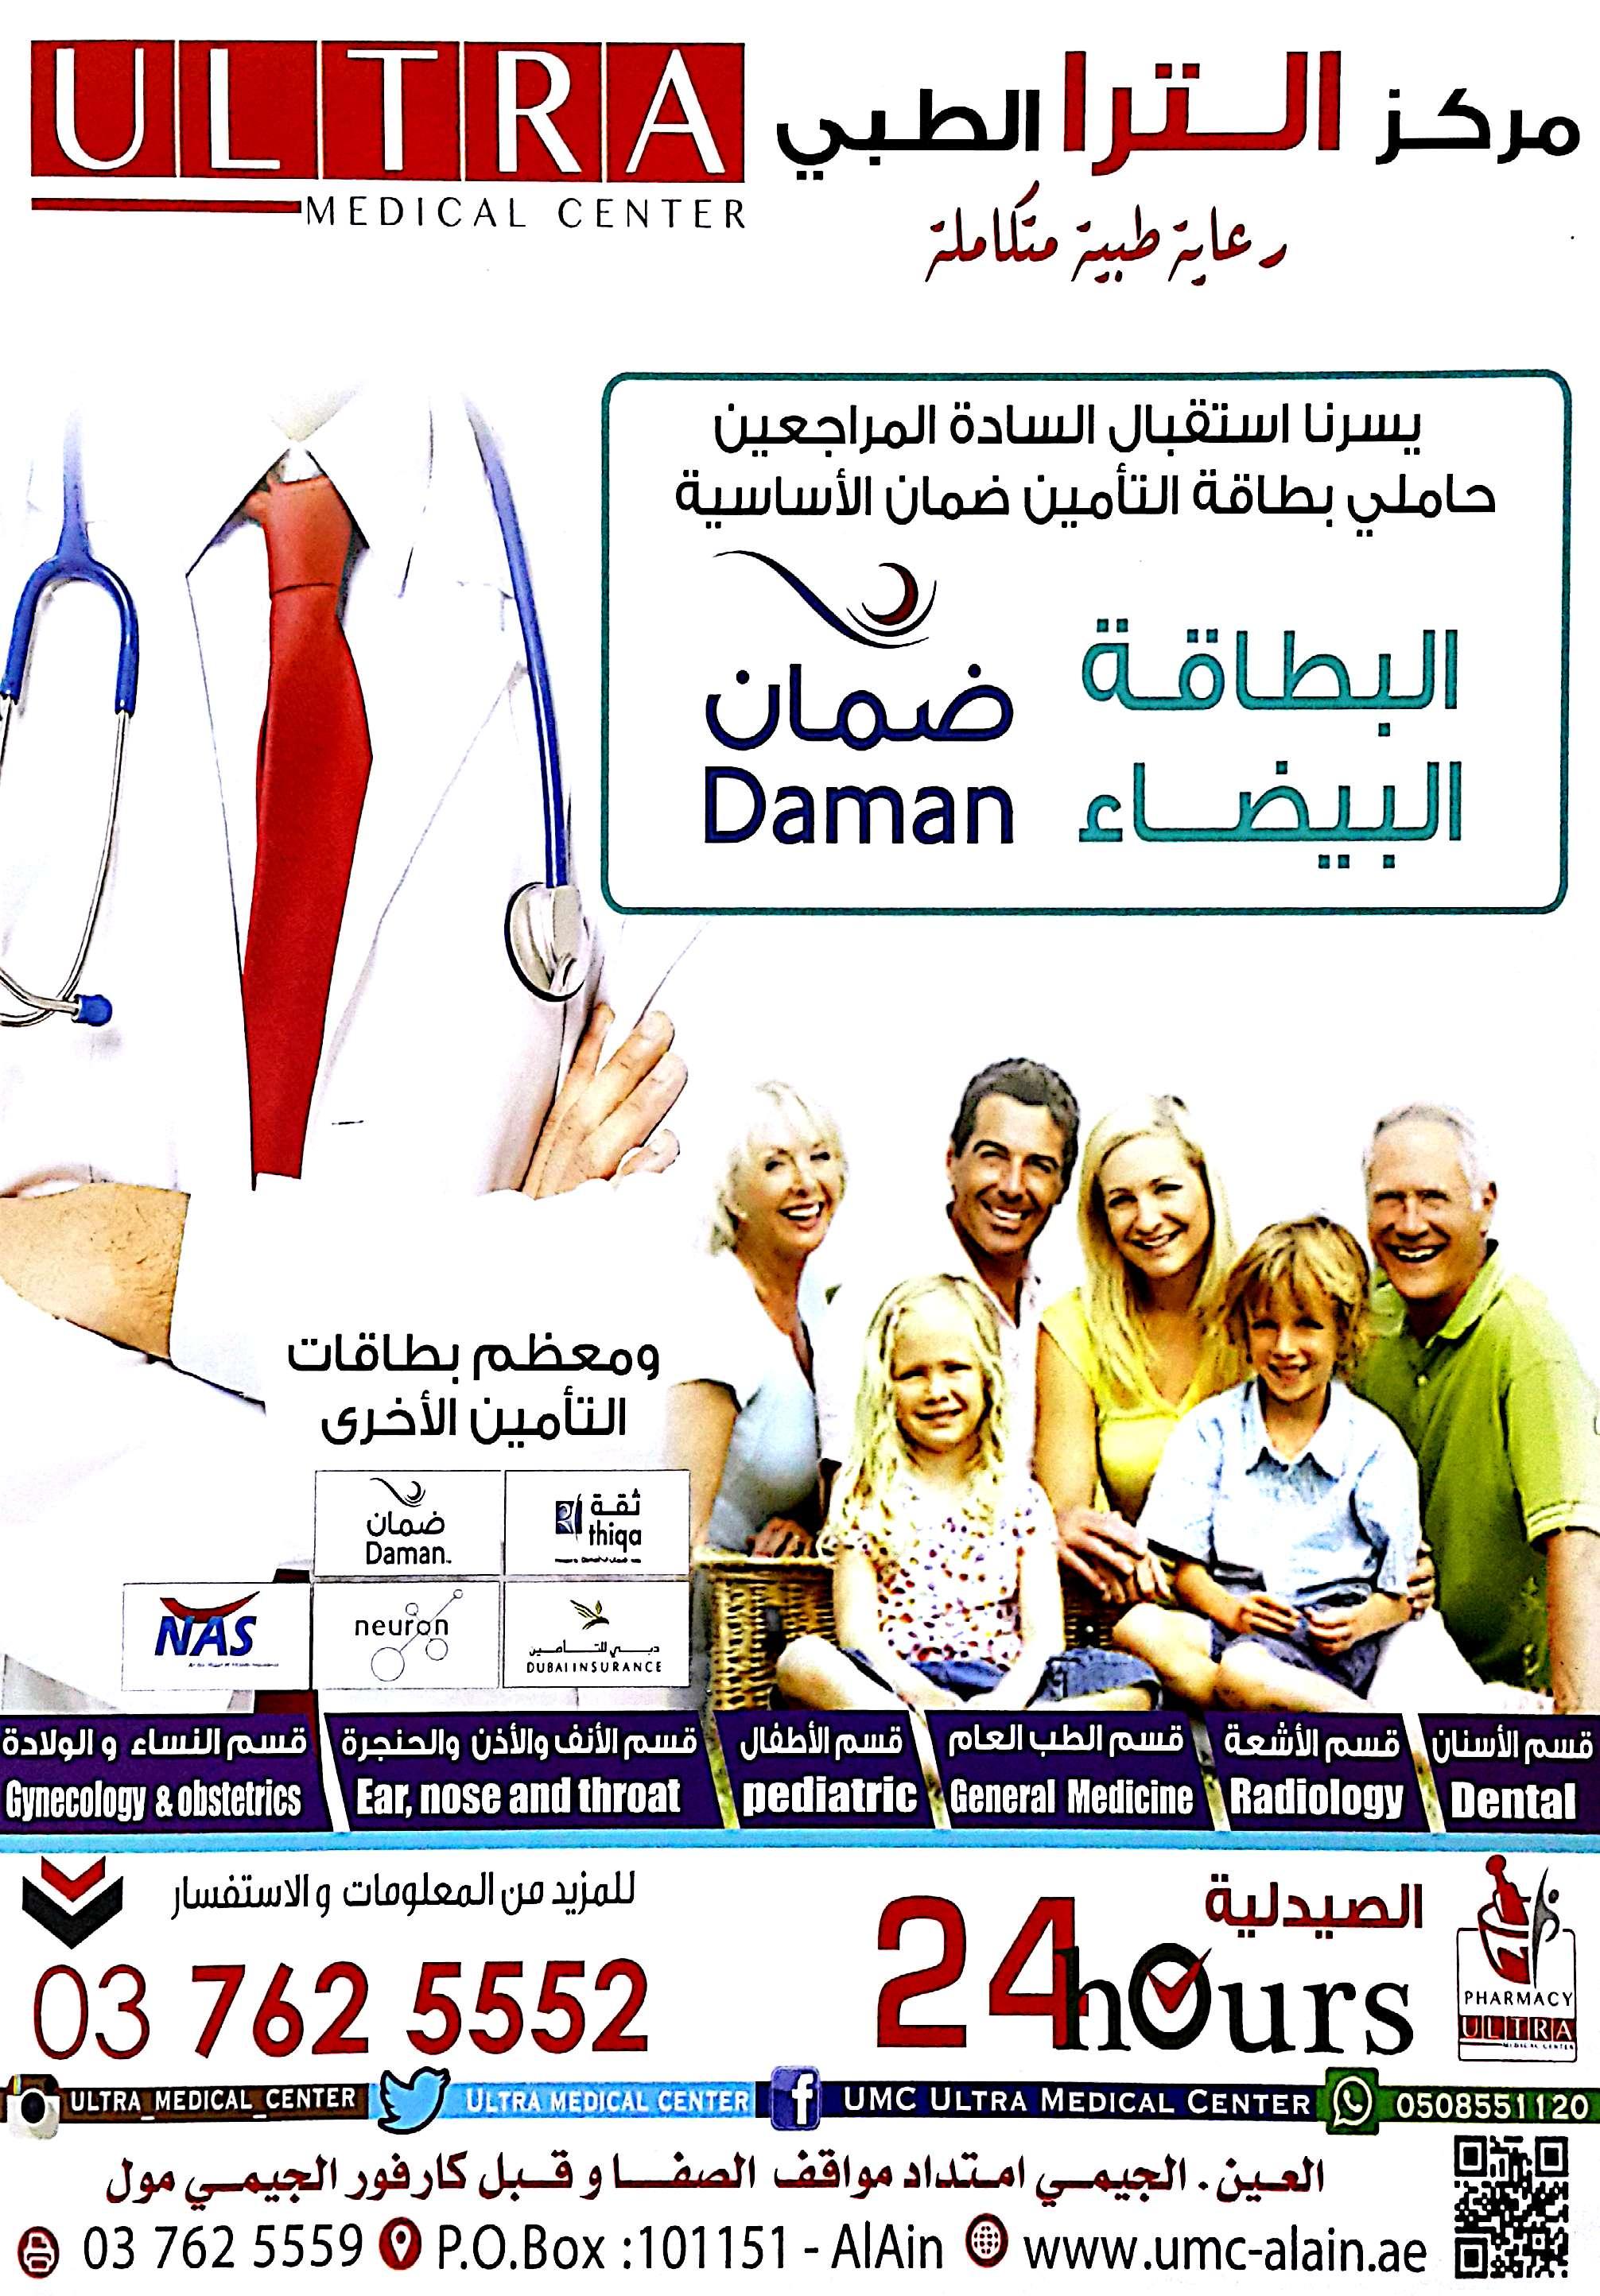 مركز الترا الطبي بمدينة العين , الجيمي 037625552 P_509m5pj81